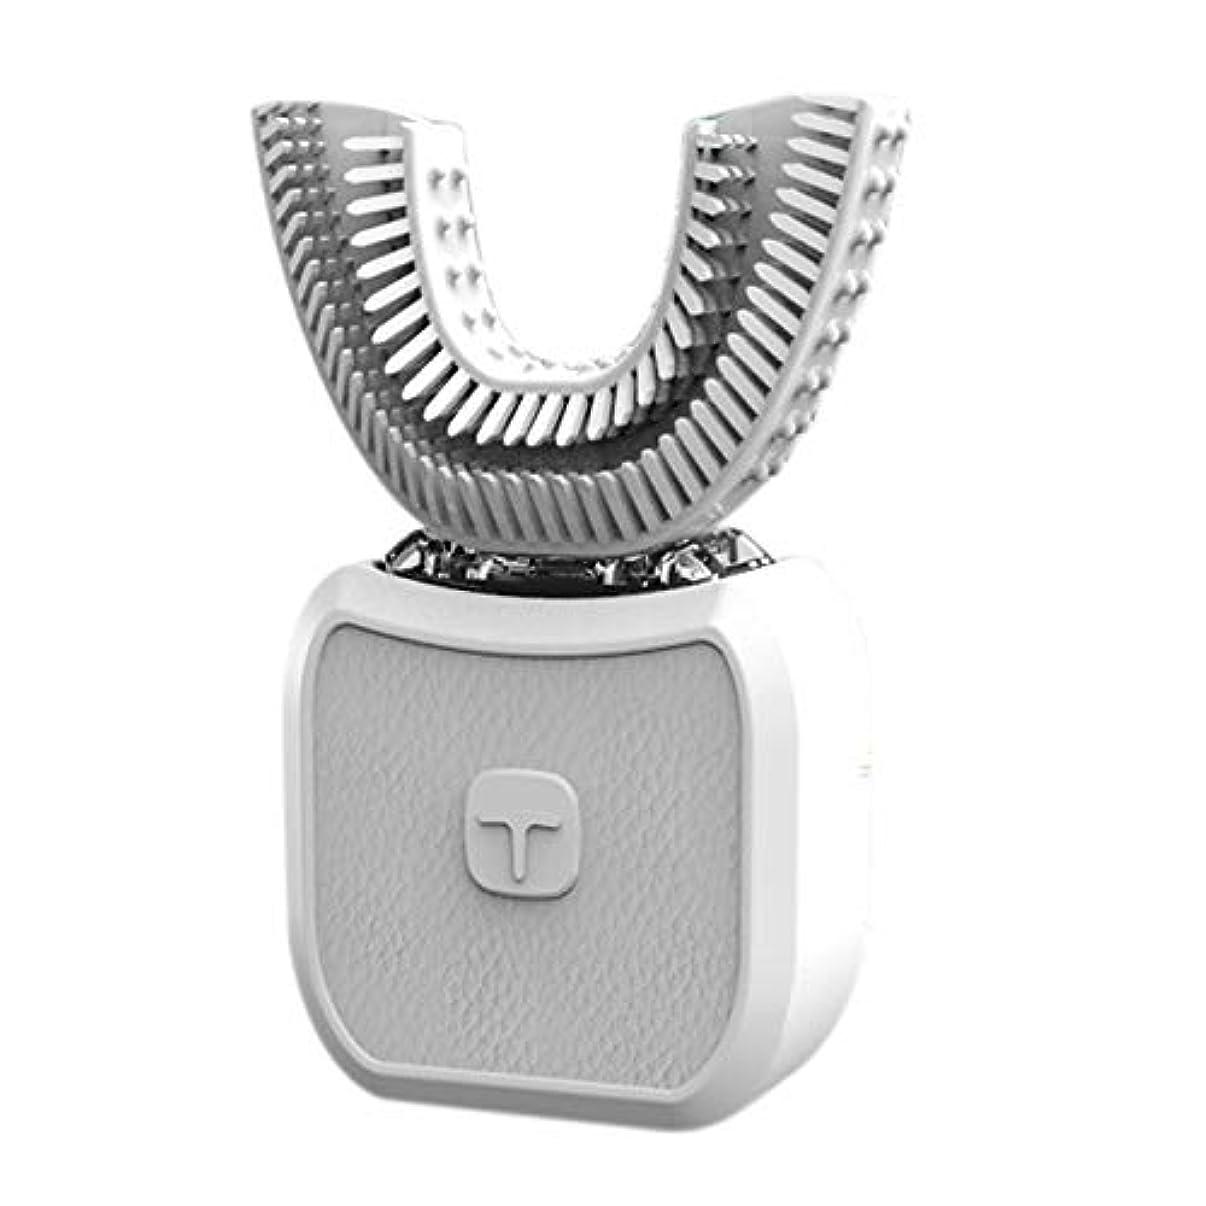 思いやり銀河器用フルオートマチック可変周波数電動歯ブラシ、自動360度U字型電動歯ブラシ、ワイヤレス充電IPX7防水自動歯ブラシ(大人用),White